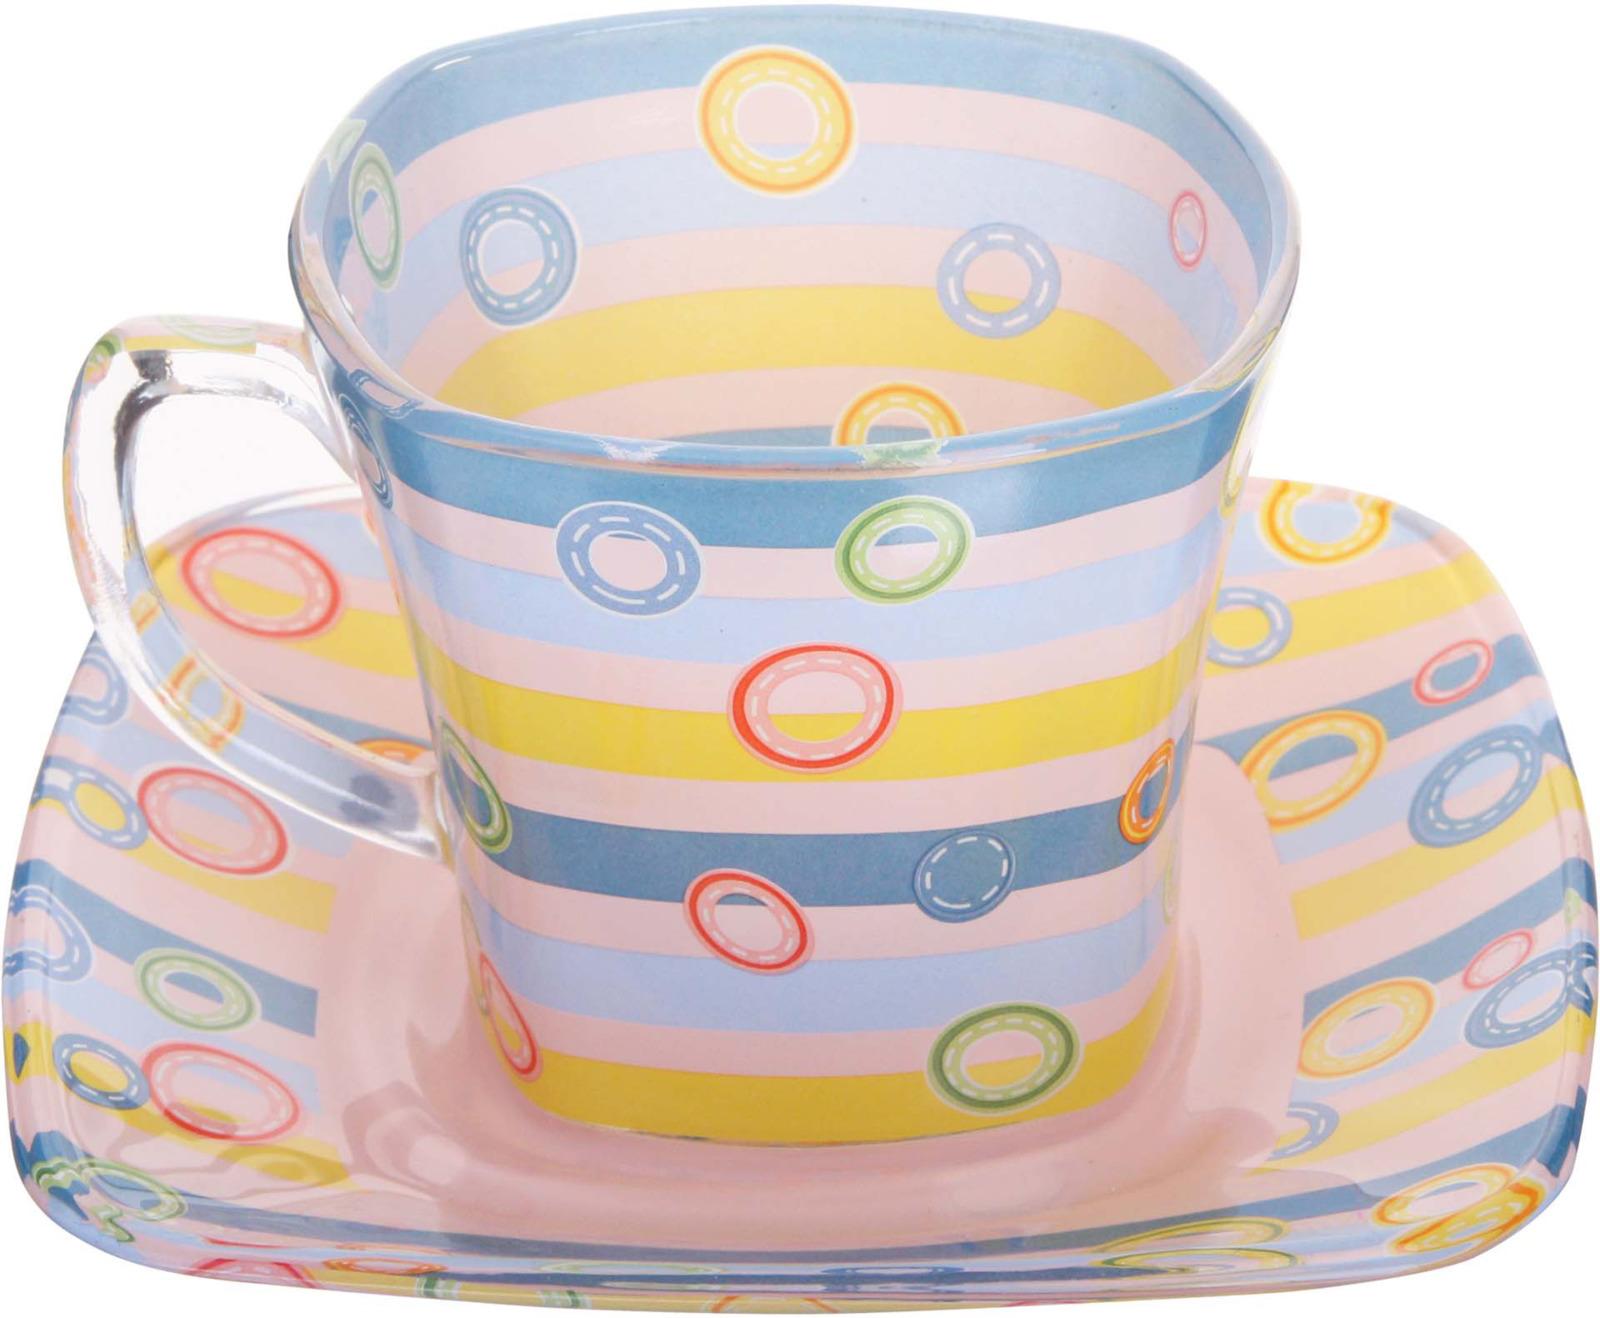 Чайная пара Loraine выполнена из высококачественного прочного цветного стекла и украшена оригинальным рисунком. Чашка и блюдце имеют квадратную форму со скругленными углами. Элегантный дизайн и совершенные формы непременно привлекут к себе внимание и украсят интерьер вашей кухни. Такая чайная пара с станет отличным подарком к любому празднику! Подходит как для горячих, так и для холодных напитков. Подходит для мытья в посудомоечной машине.